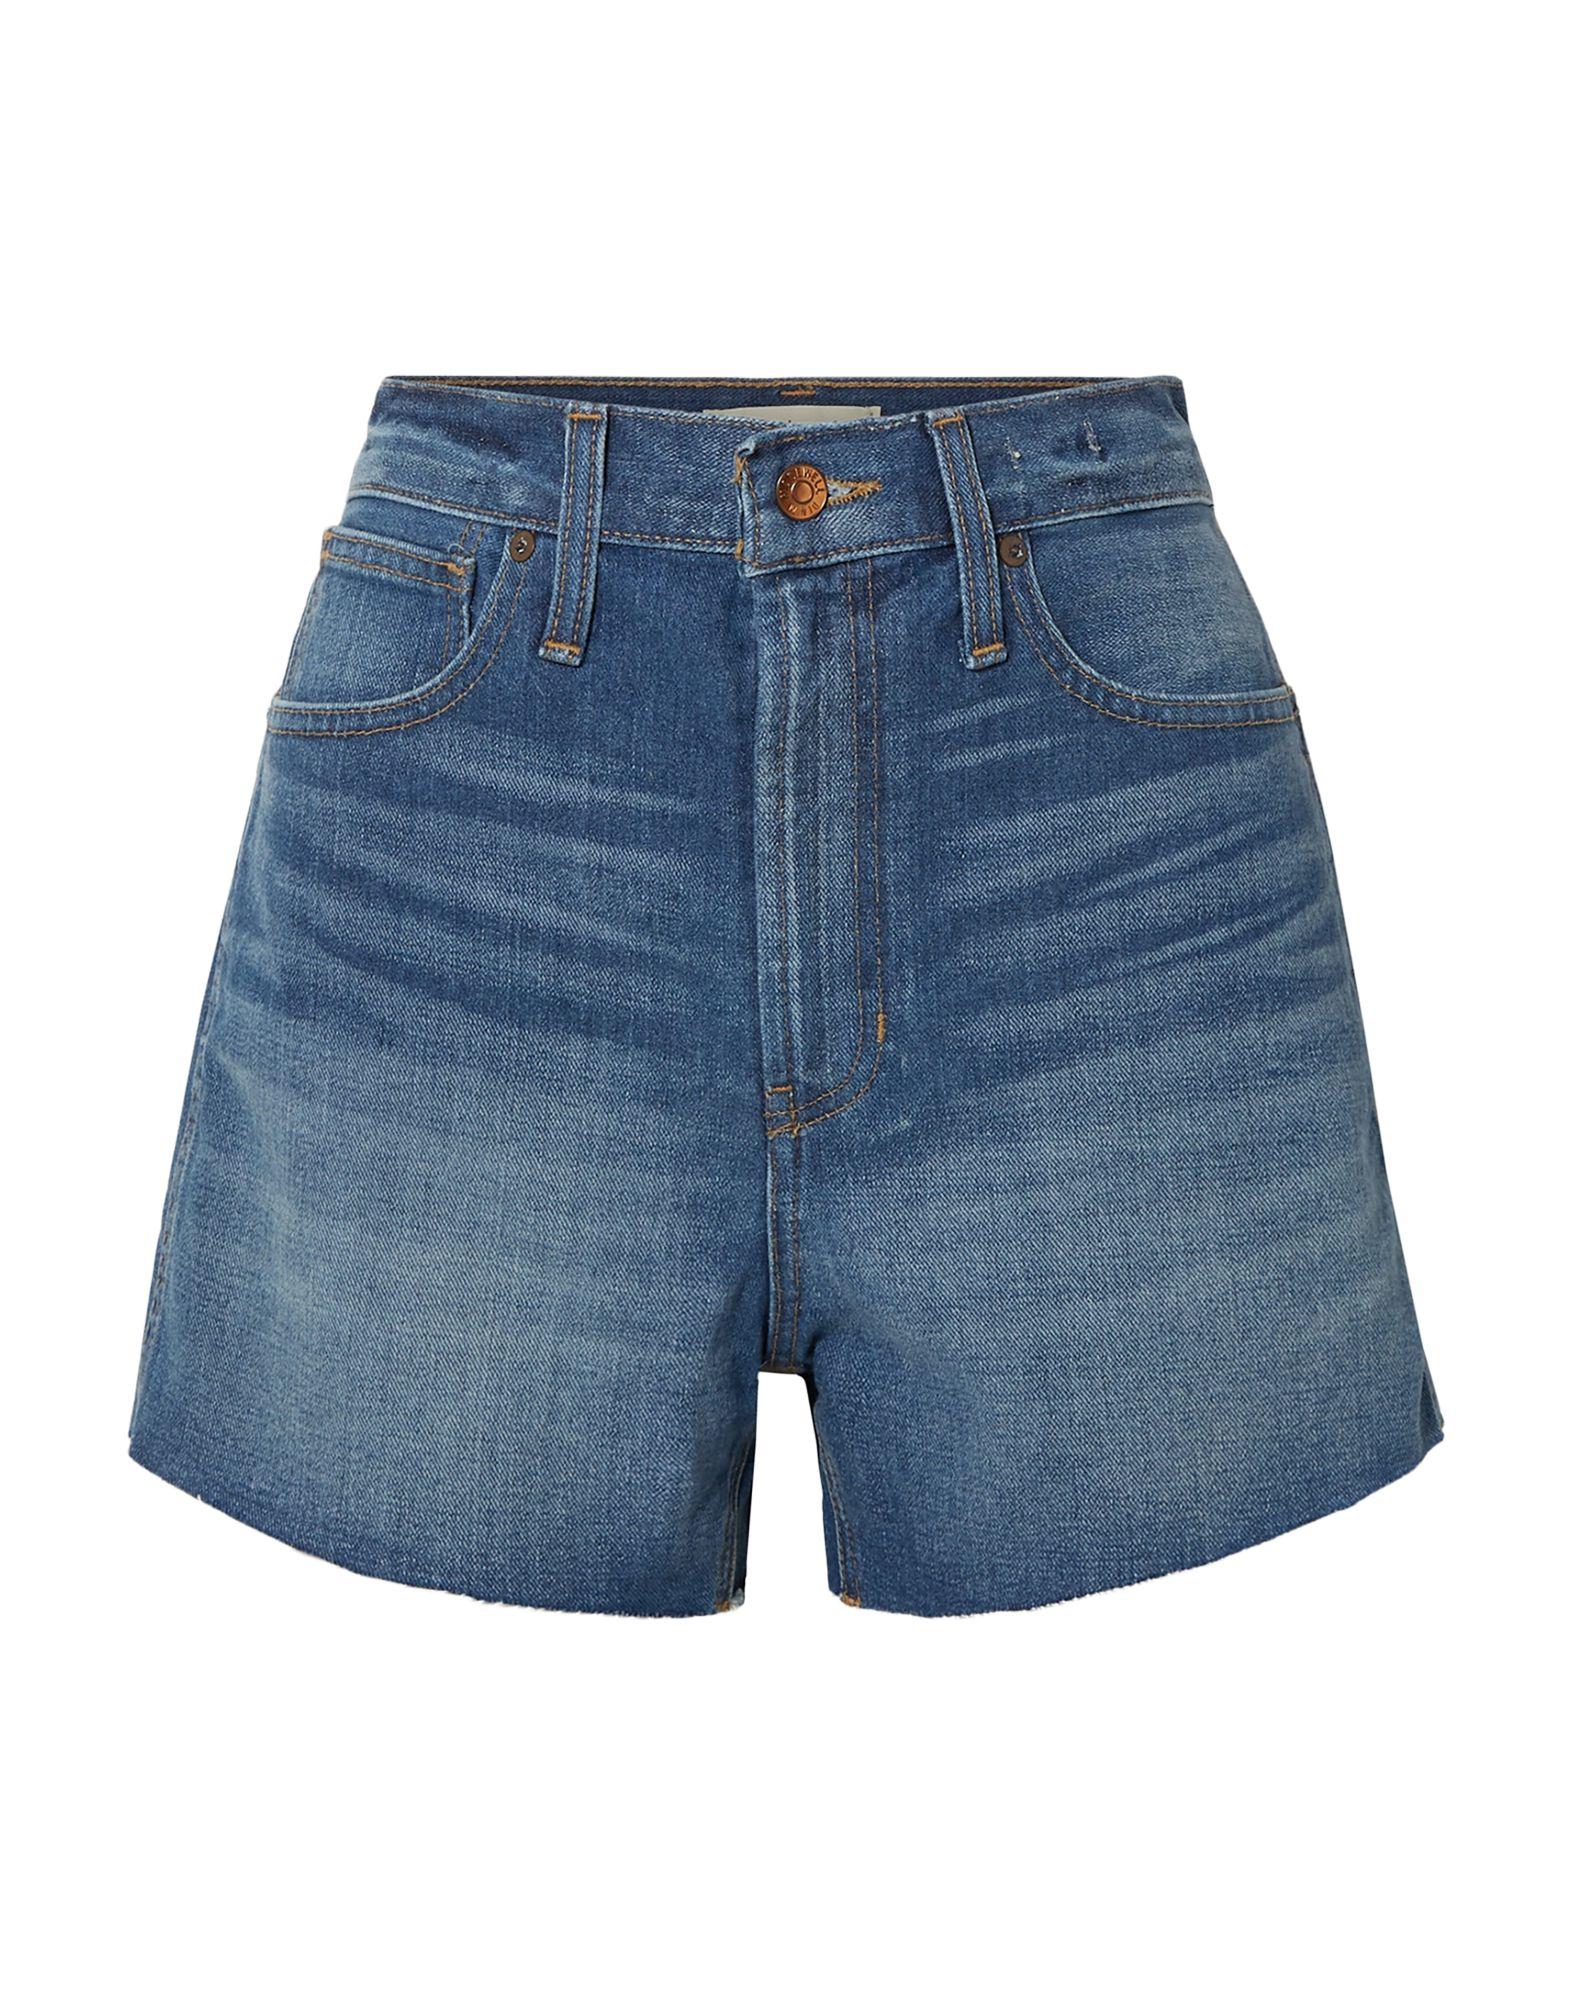 madewell джинсовые брюки капри MADEWELL Джинсовые шорты